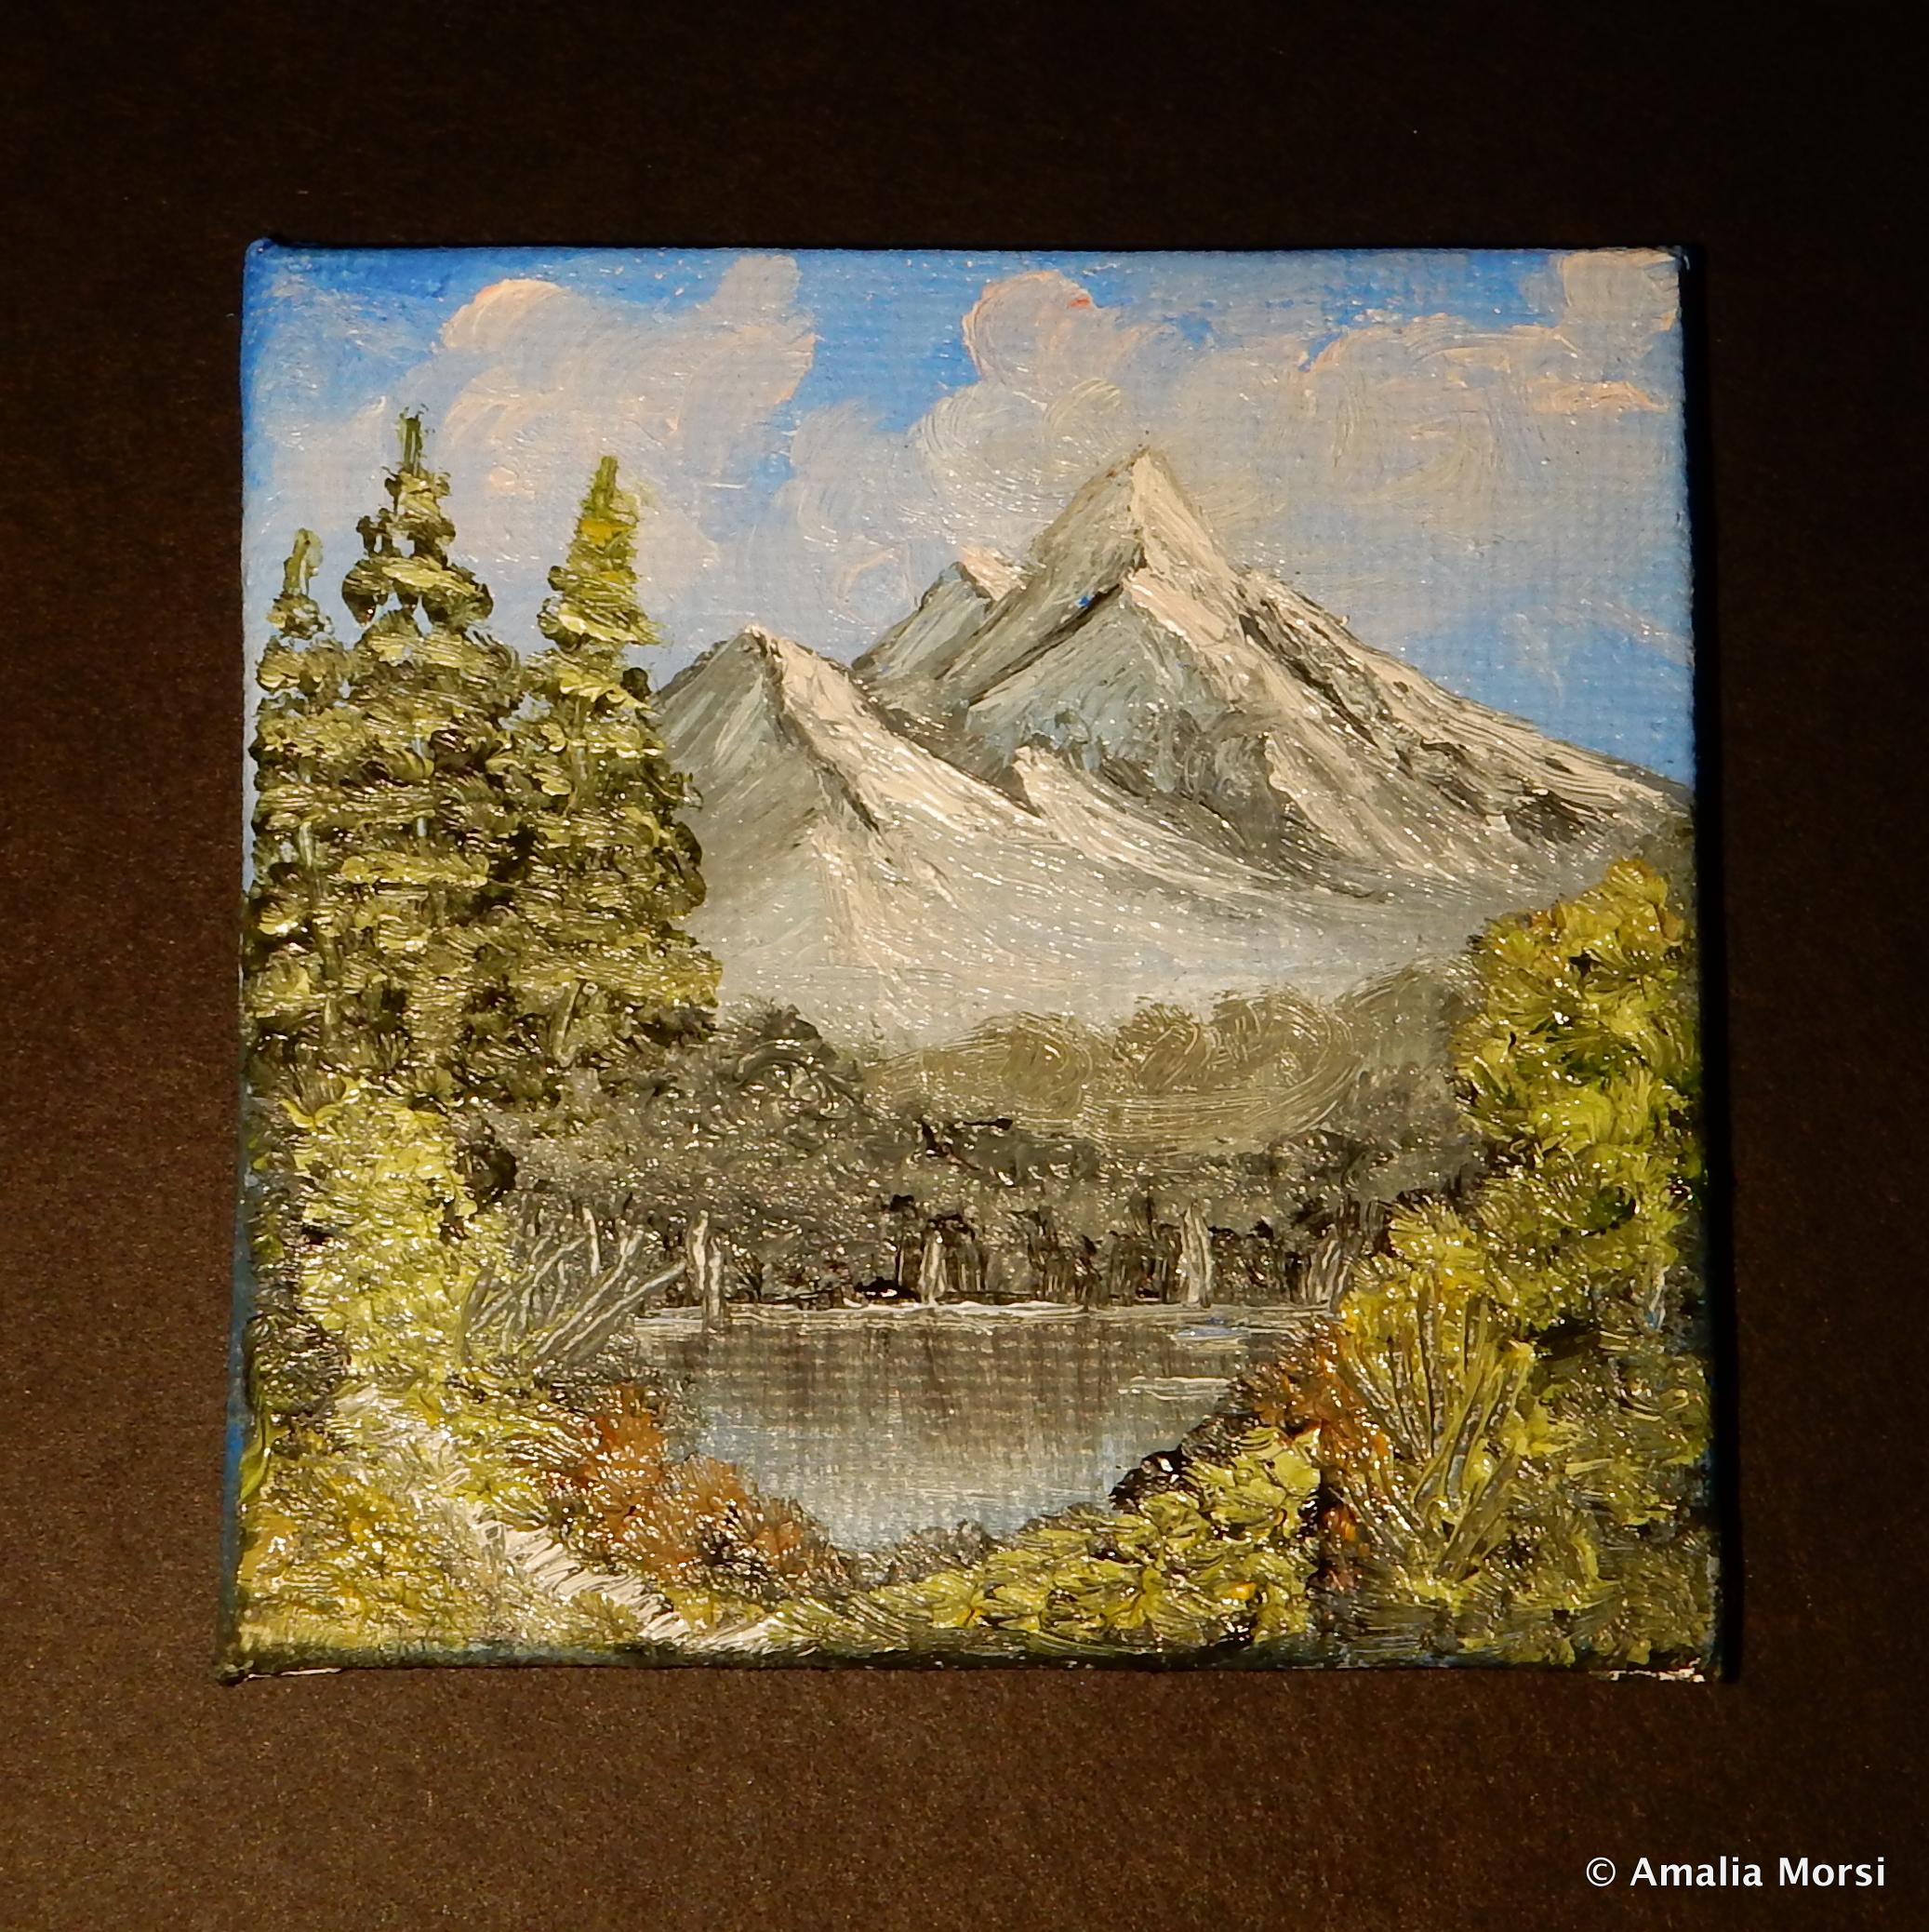 Season 10 / Episode 1 - Towering Peaks